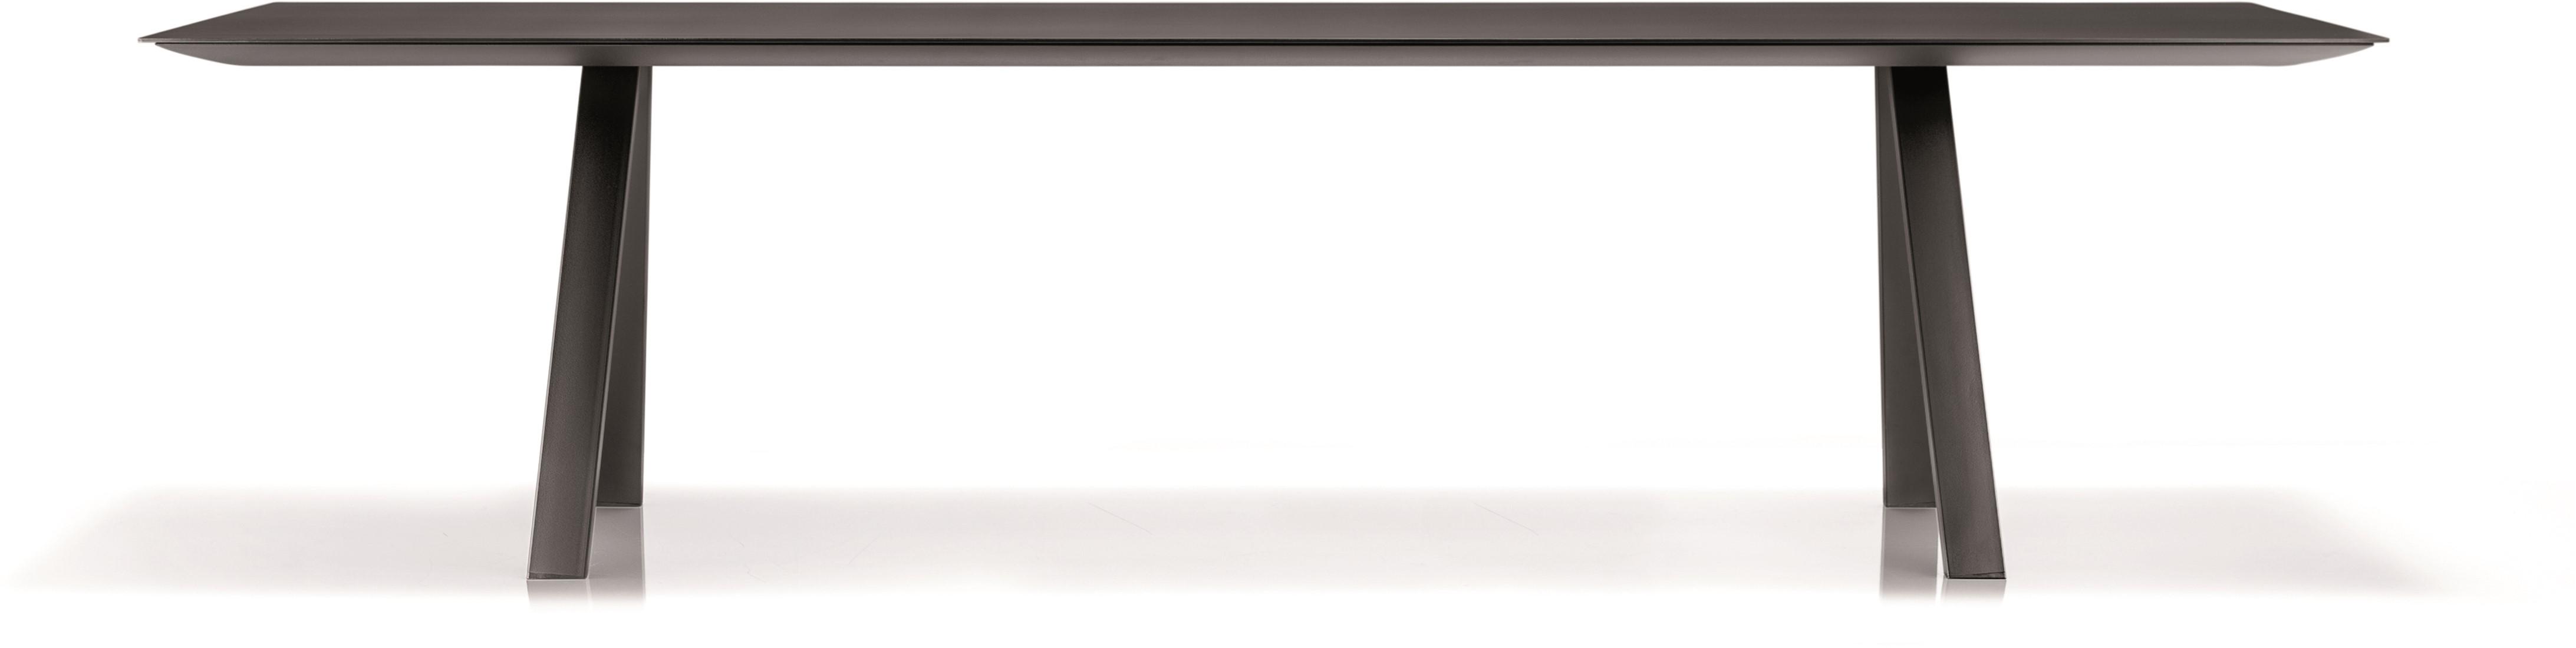 Tafel Met Poten.Arki Tafel Melamine Design Vergadertafel Met Een Melamine Blad